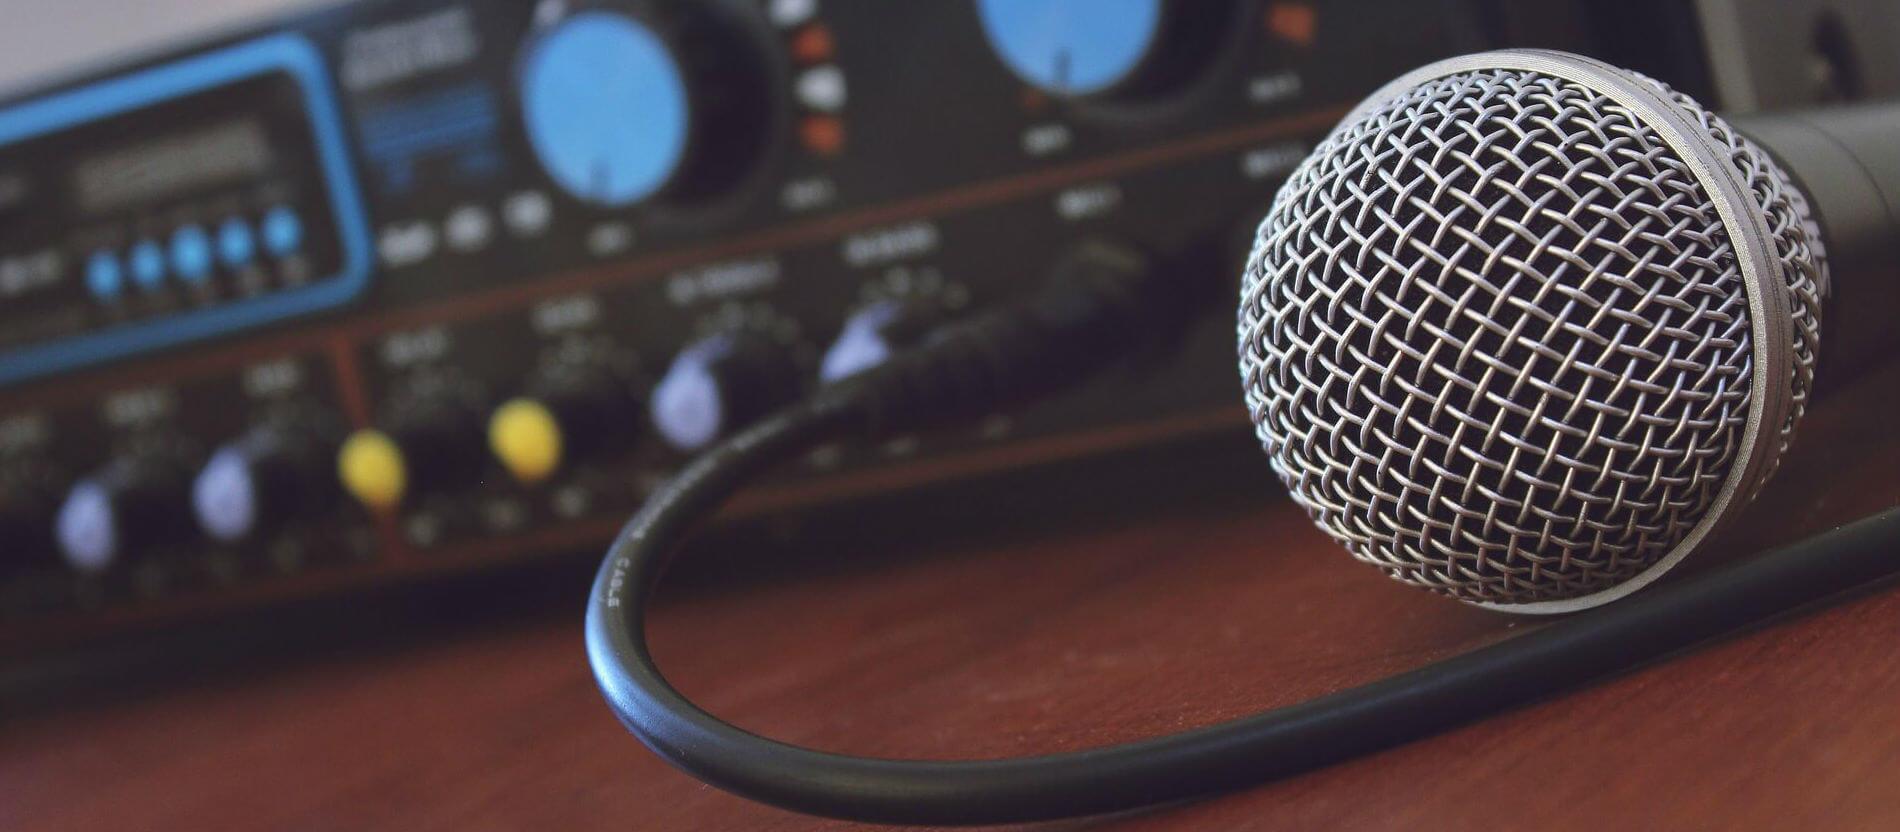 Clases-de-voz-como-distinguir-diferentes-tipos-de-voz